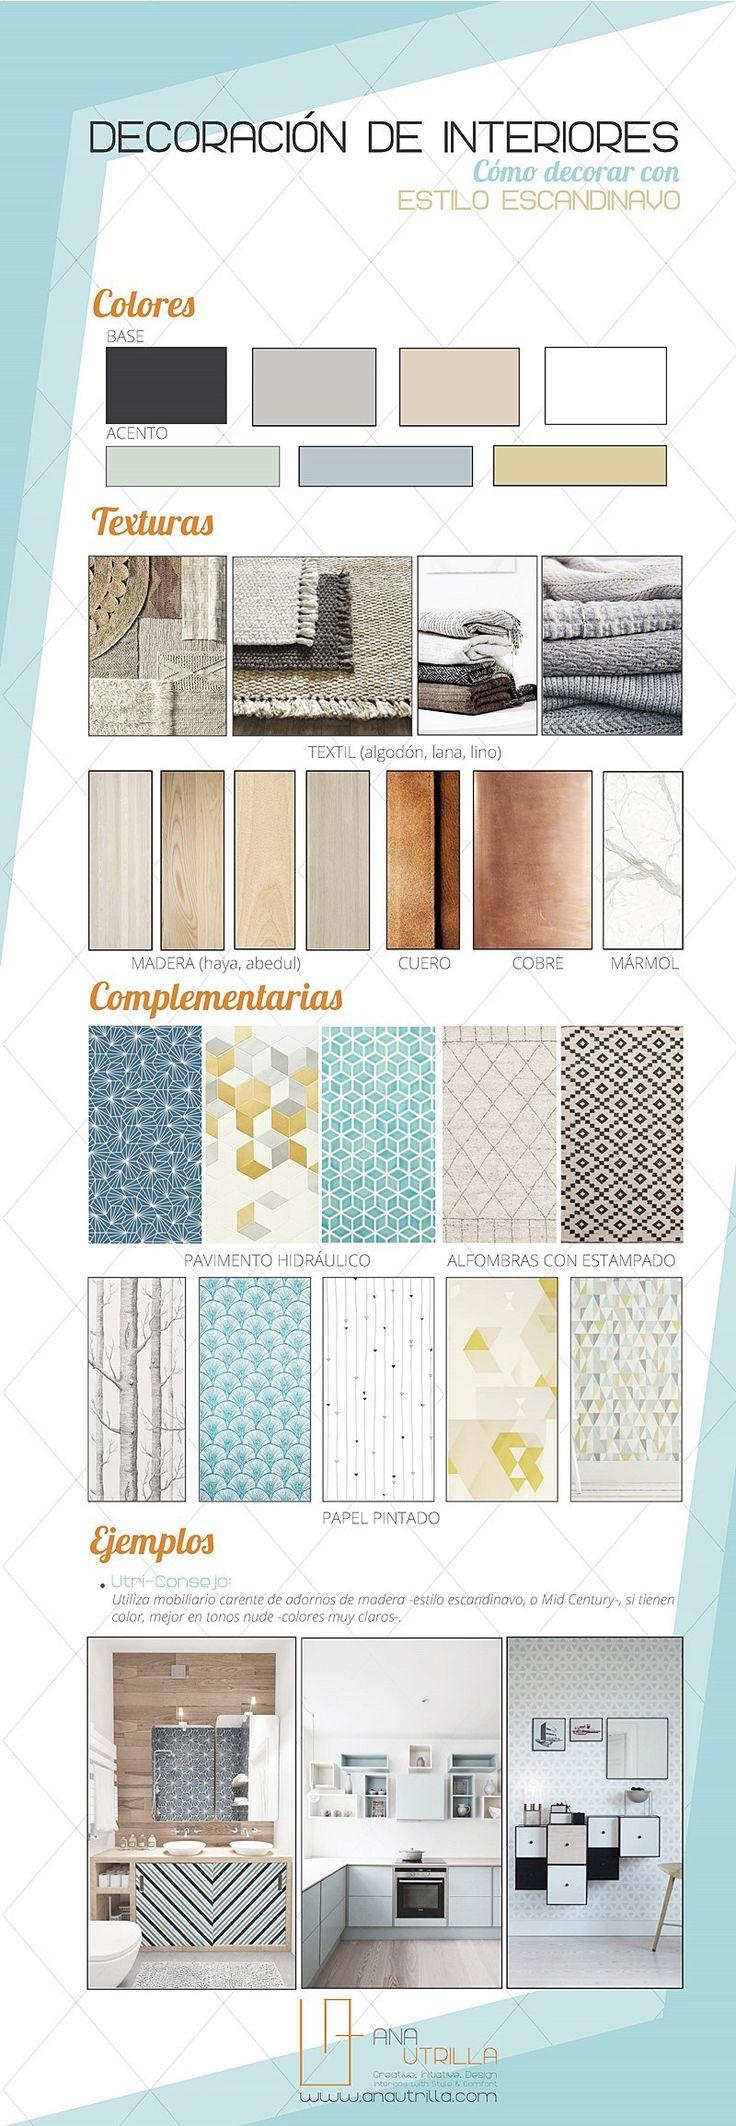 Infografía resumen de cómo decorar con estilo nórdico por Ana Utrilla